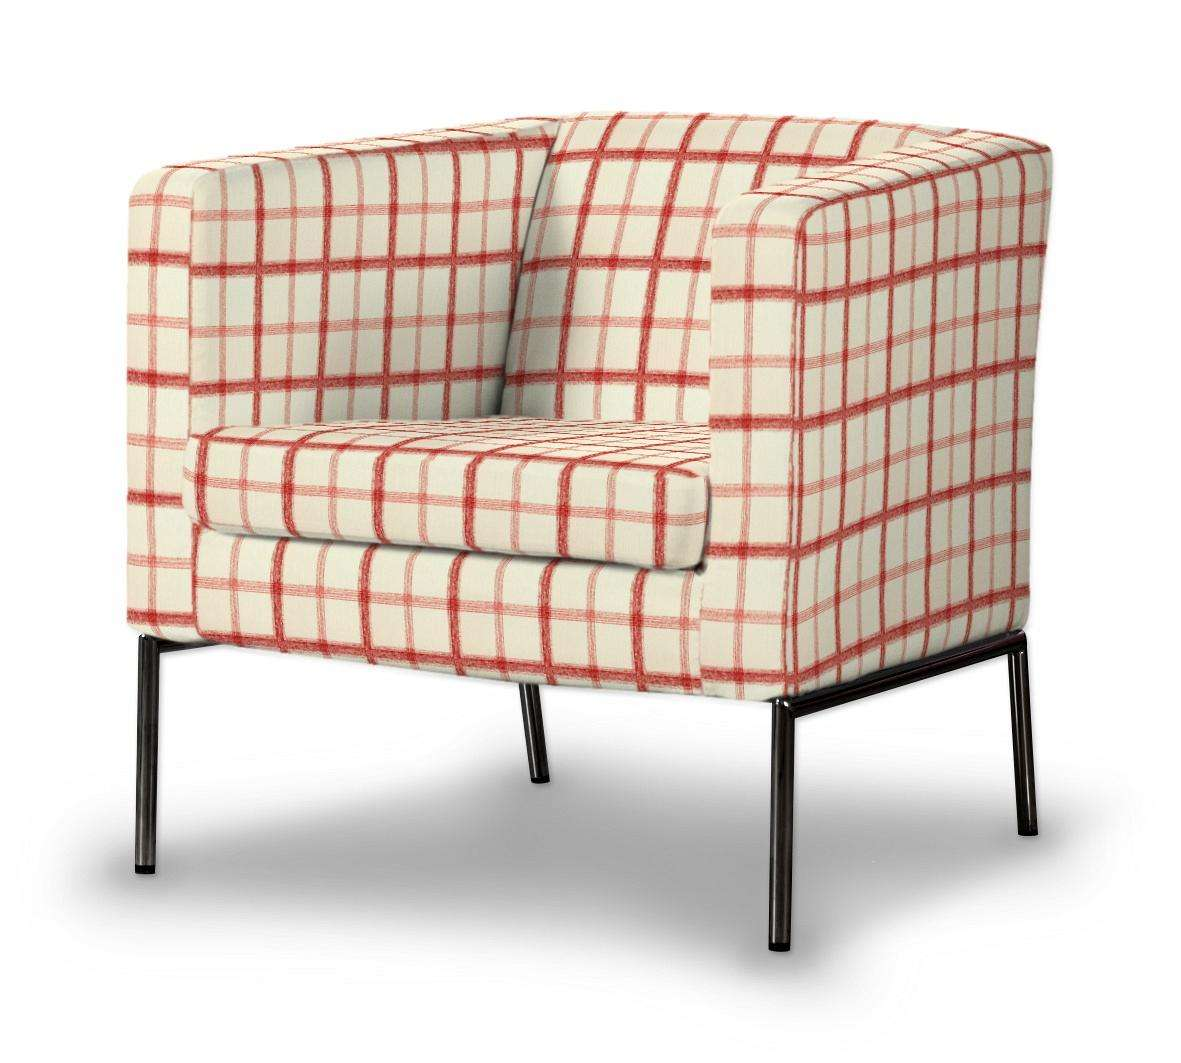 Pokrowiec na fotel Klappsta Fotel Klappsta w kolekcji Avinon, tkanina: 131-15